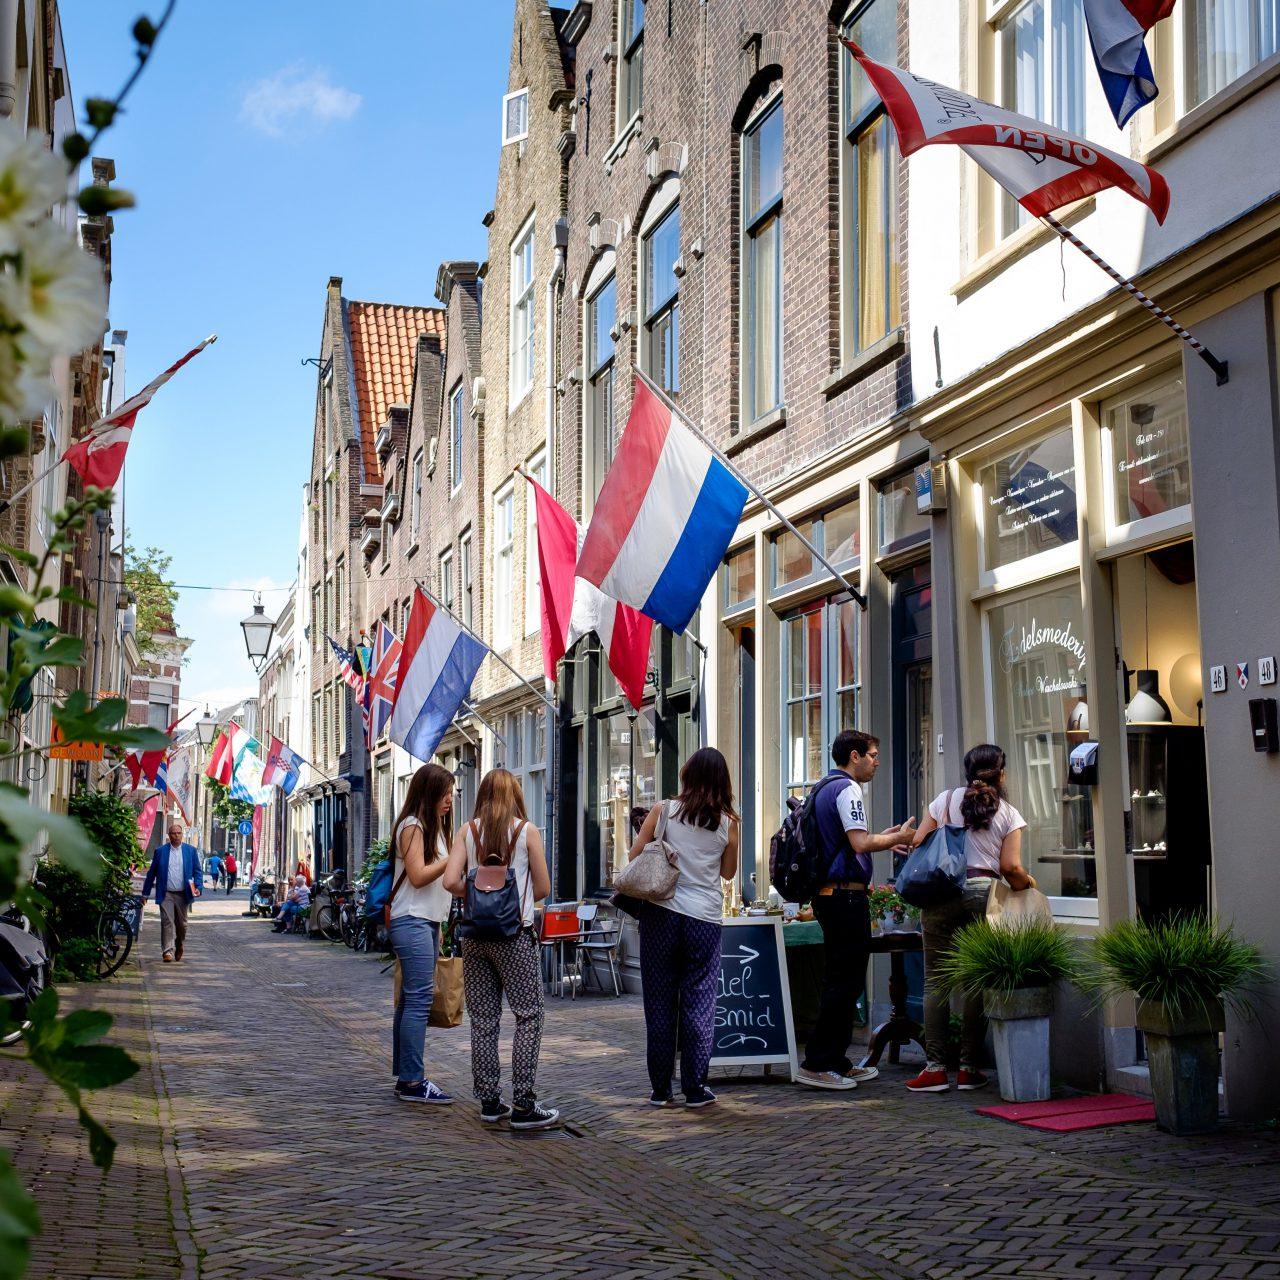 Vleeshouwerstraat - Dordrecht - winkelen - jongeren - Nederlandse vlag - Kunstrondje Dordt